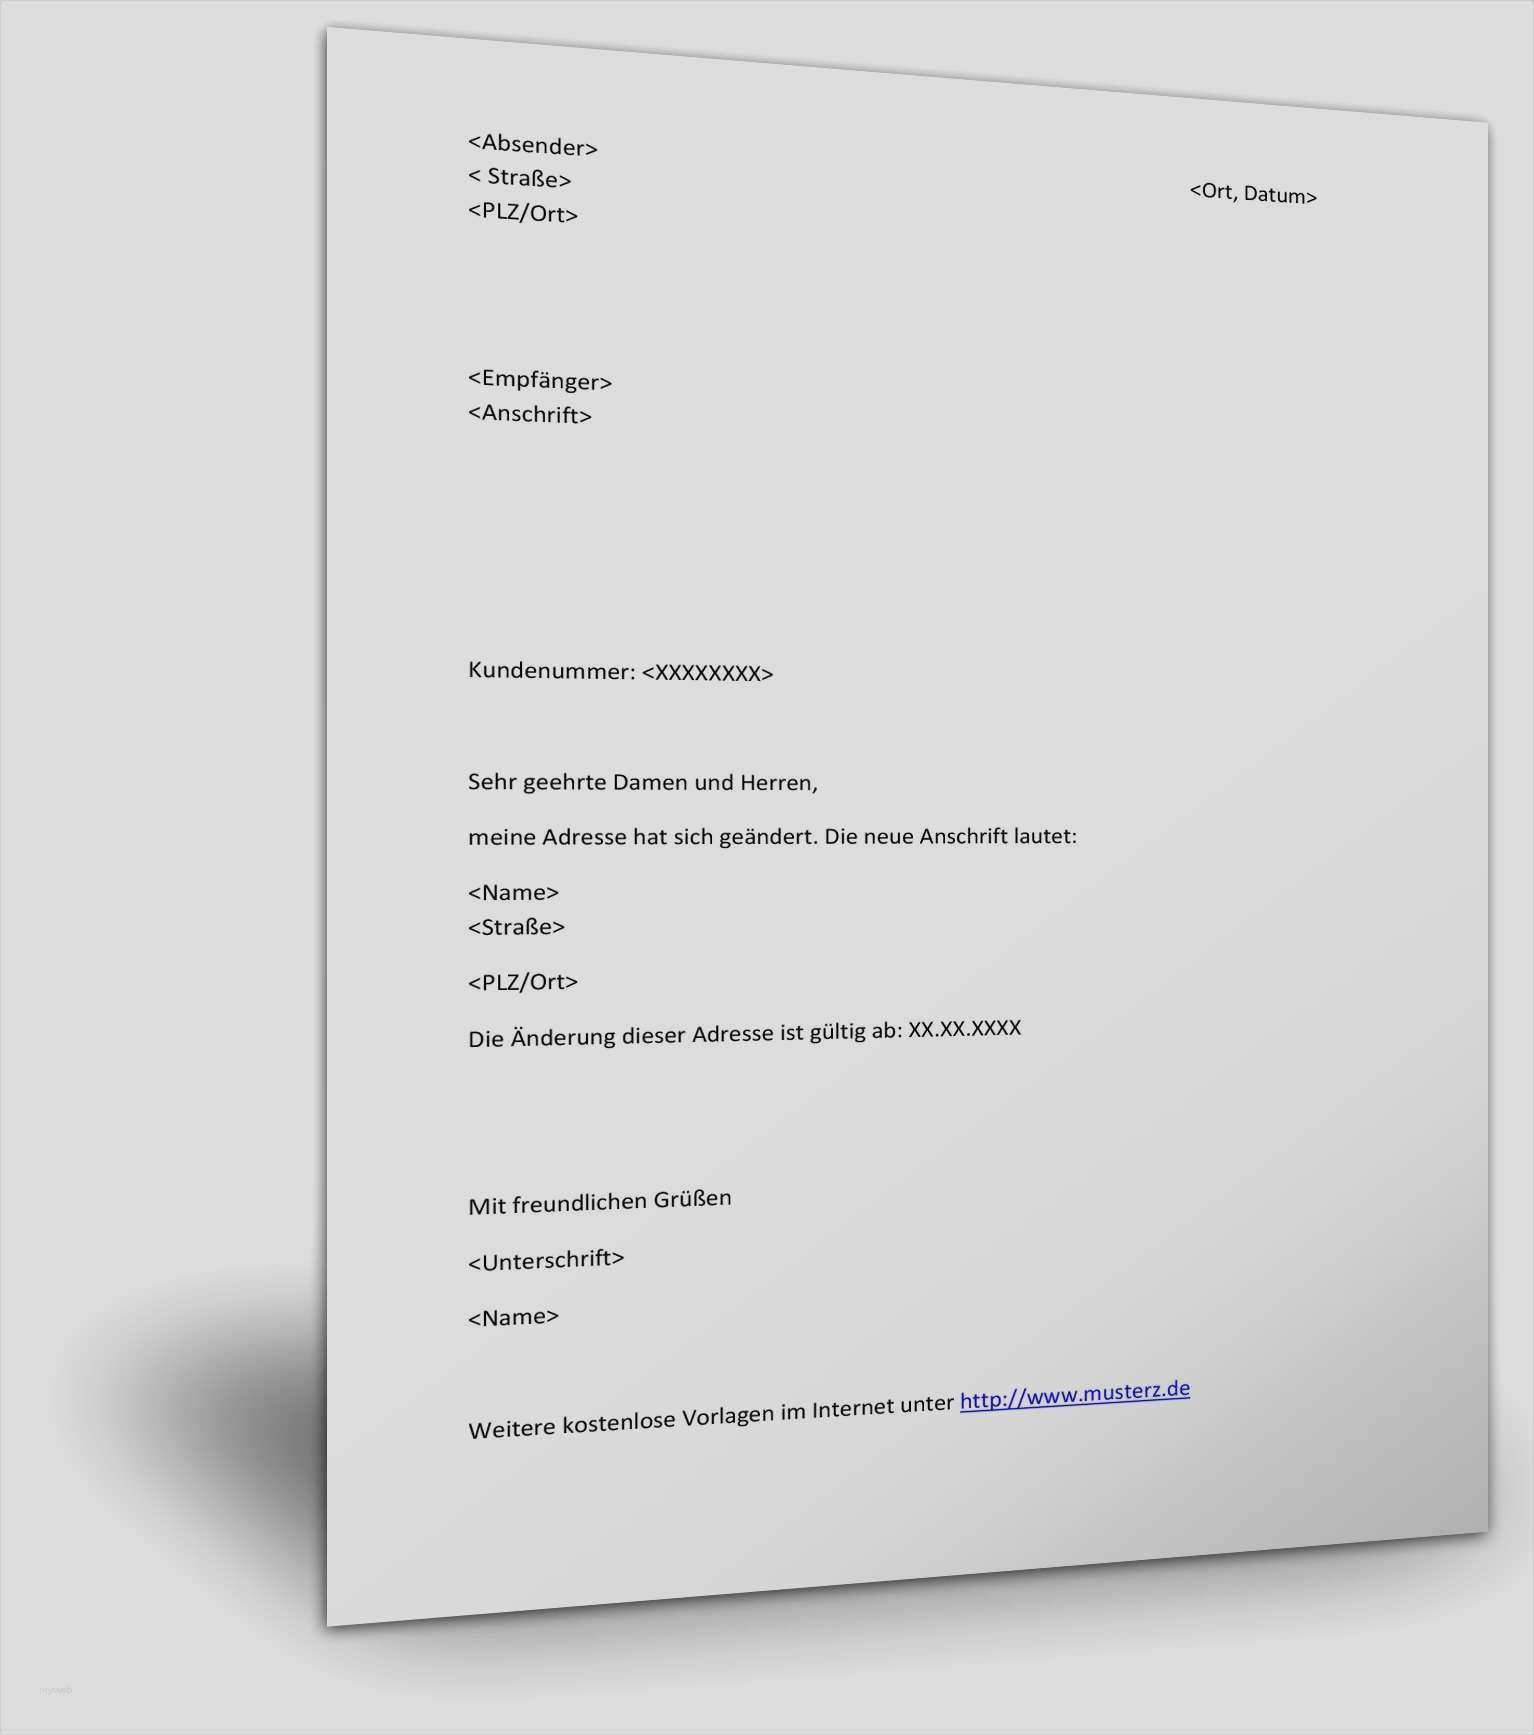 17 Suss Bafog Adressanderung Vorlage Diese Konnen Adaptieren In Microsoft Word Dillyhearts Com